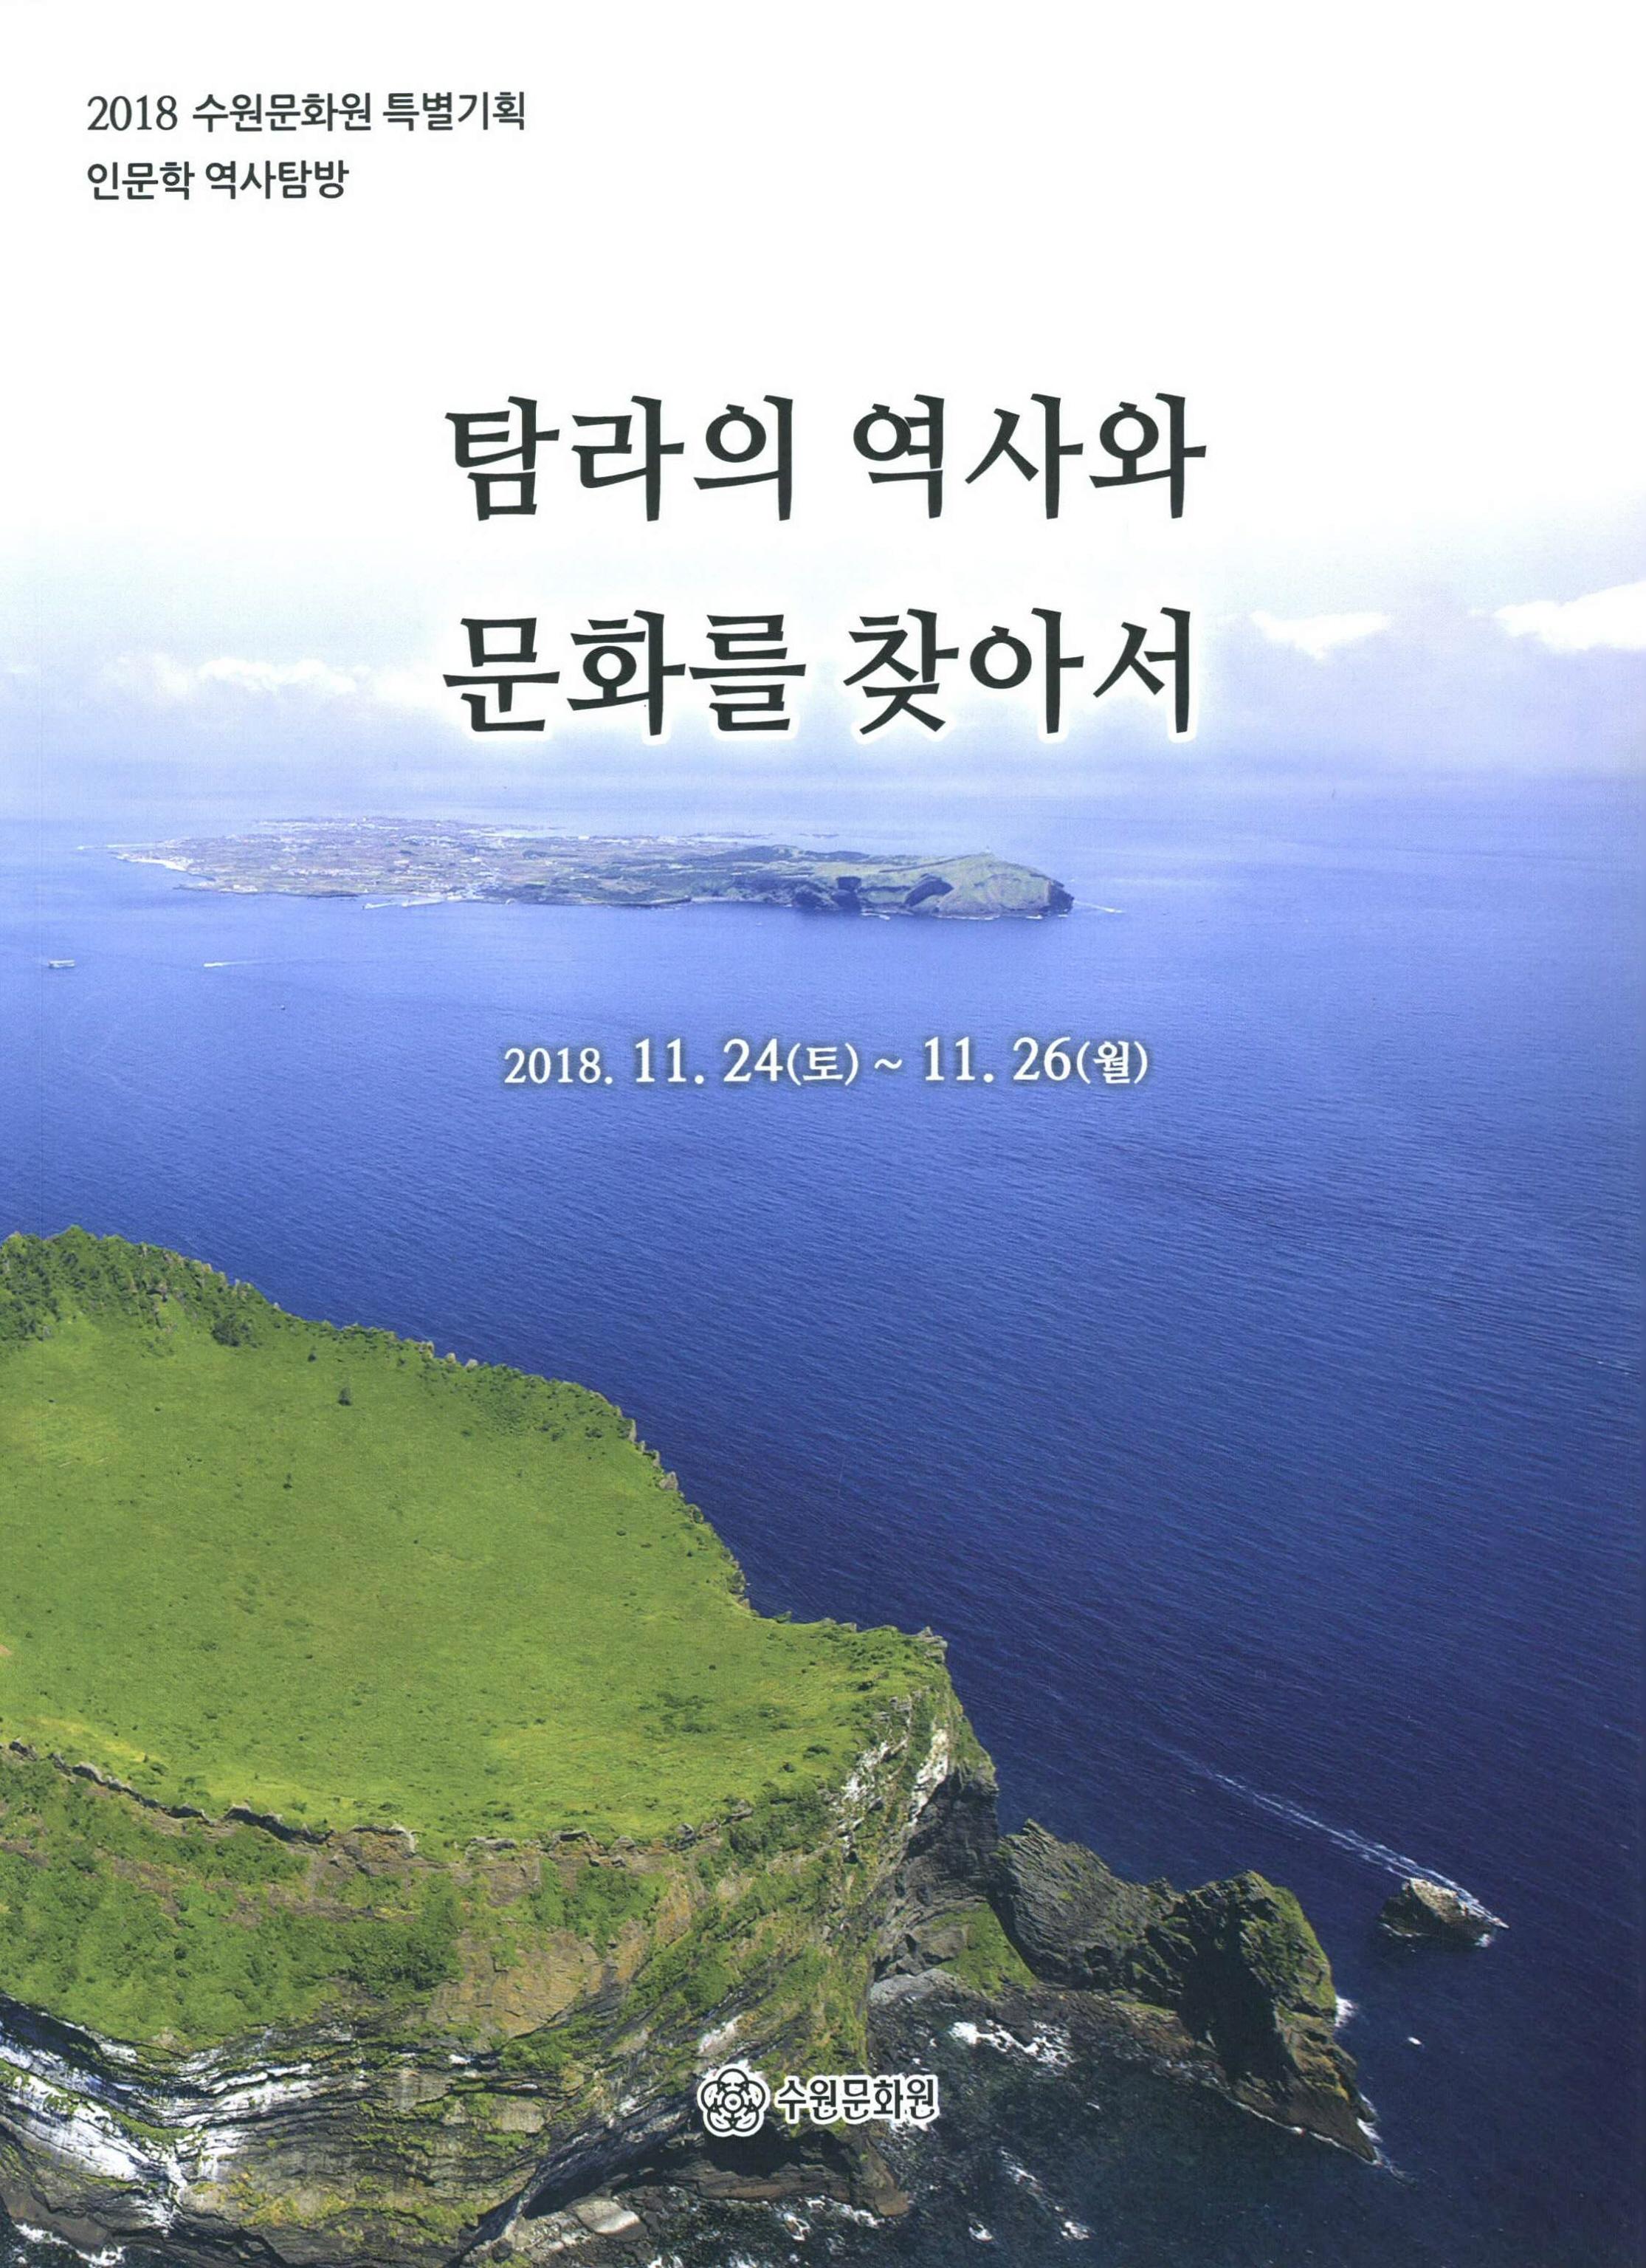 2018 특별기획 인문학 역사탐방 탐라의 역사와 문화를 찾아서